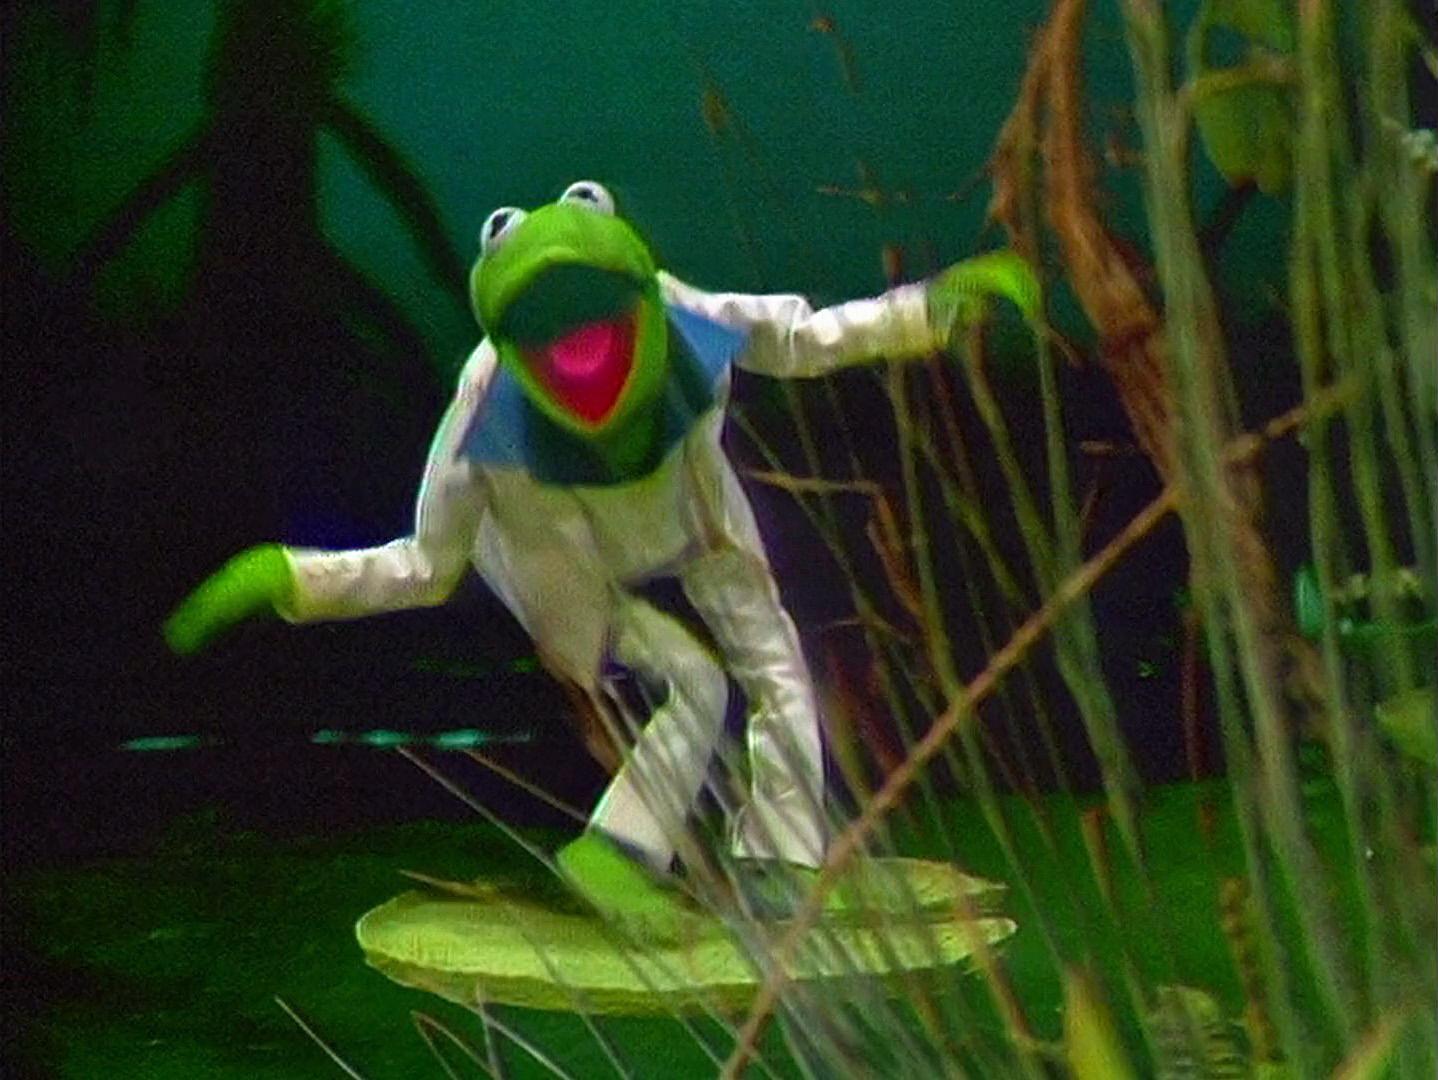 File:Discofrog-muppetshow.jpg